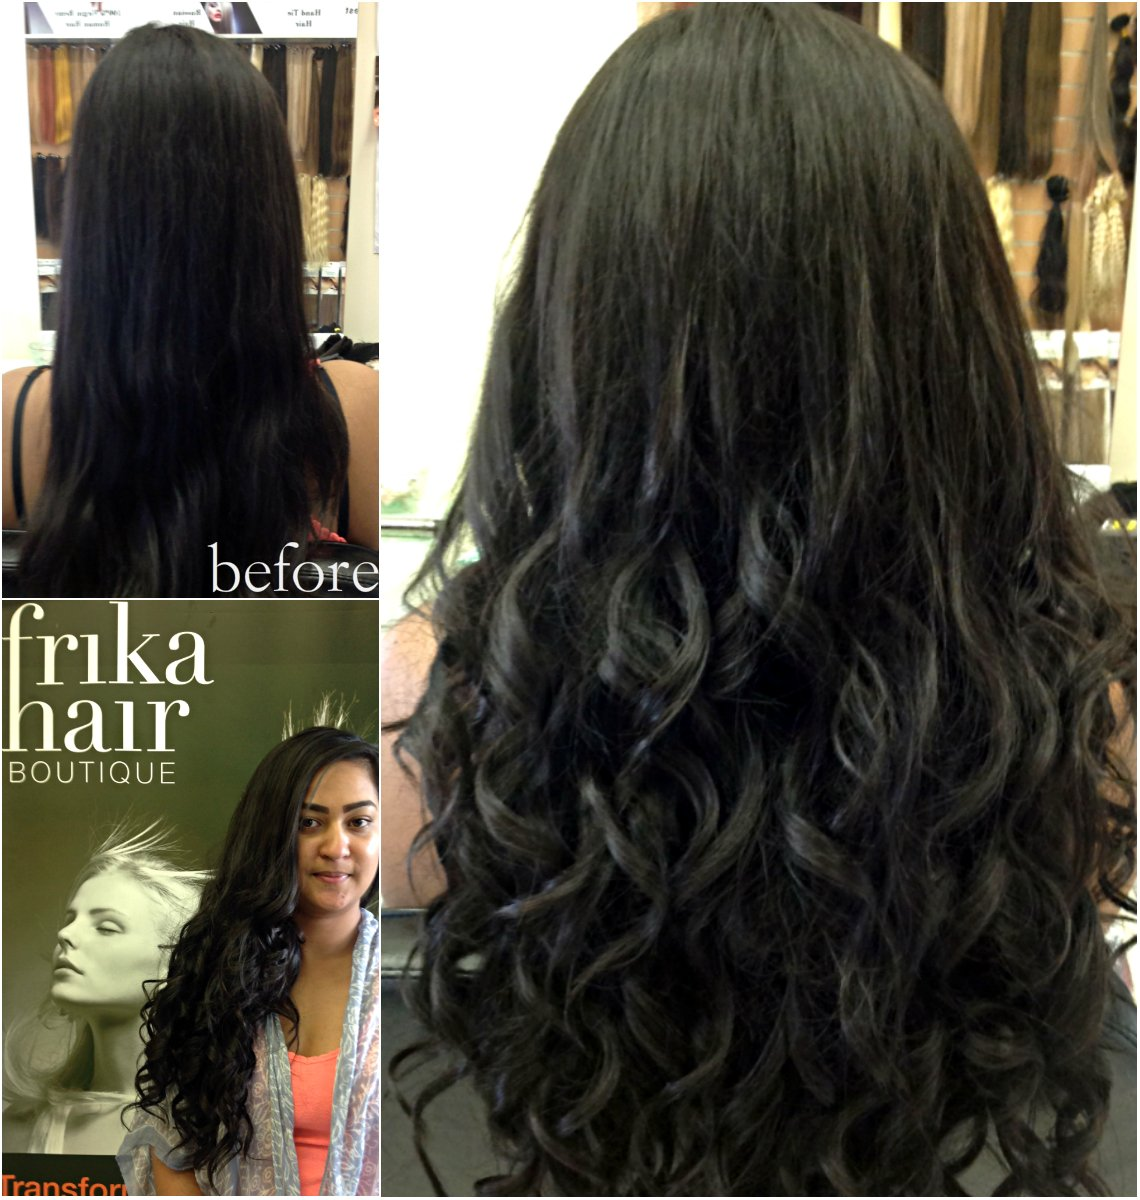 Frika Hair Frikahairmelb Twitter